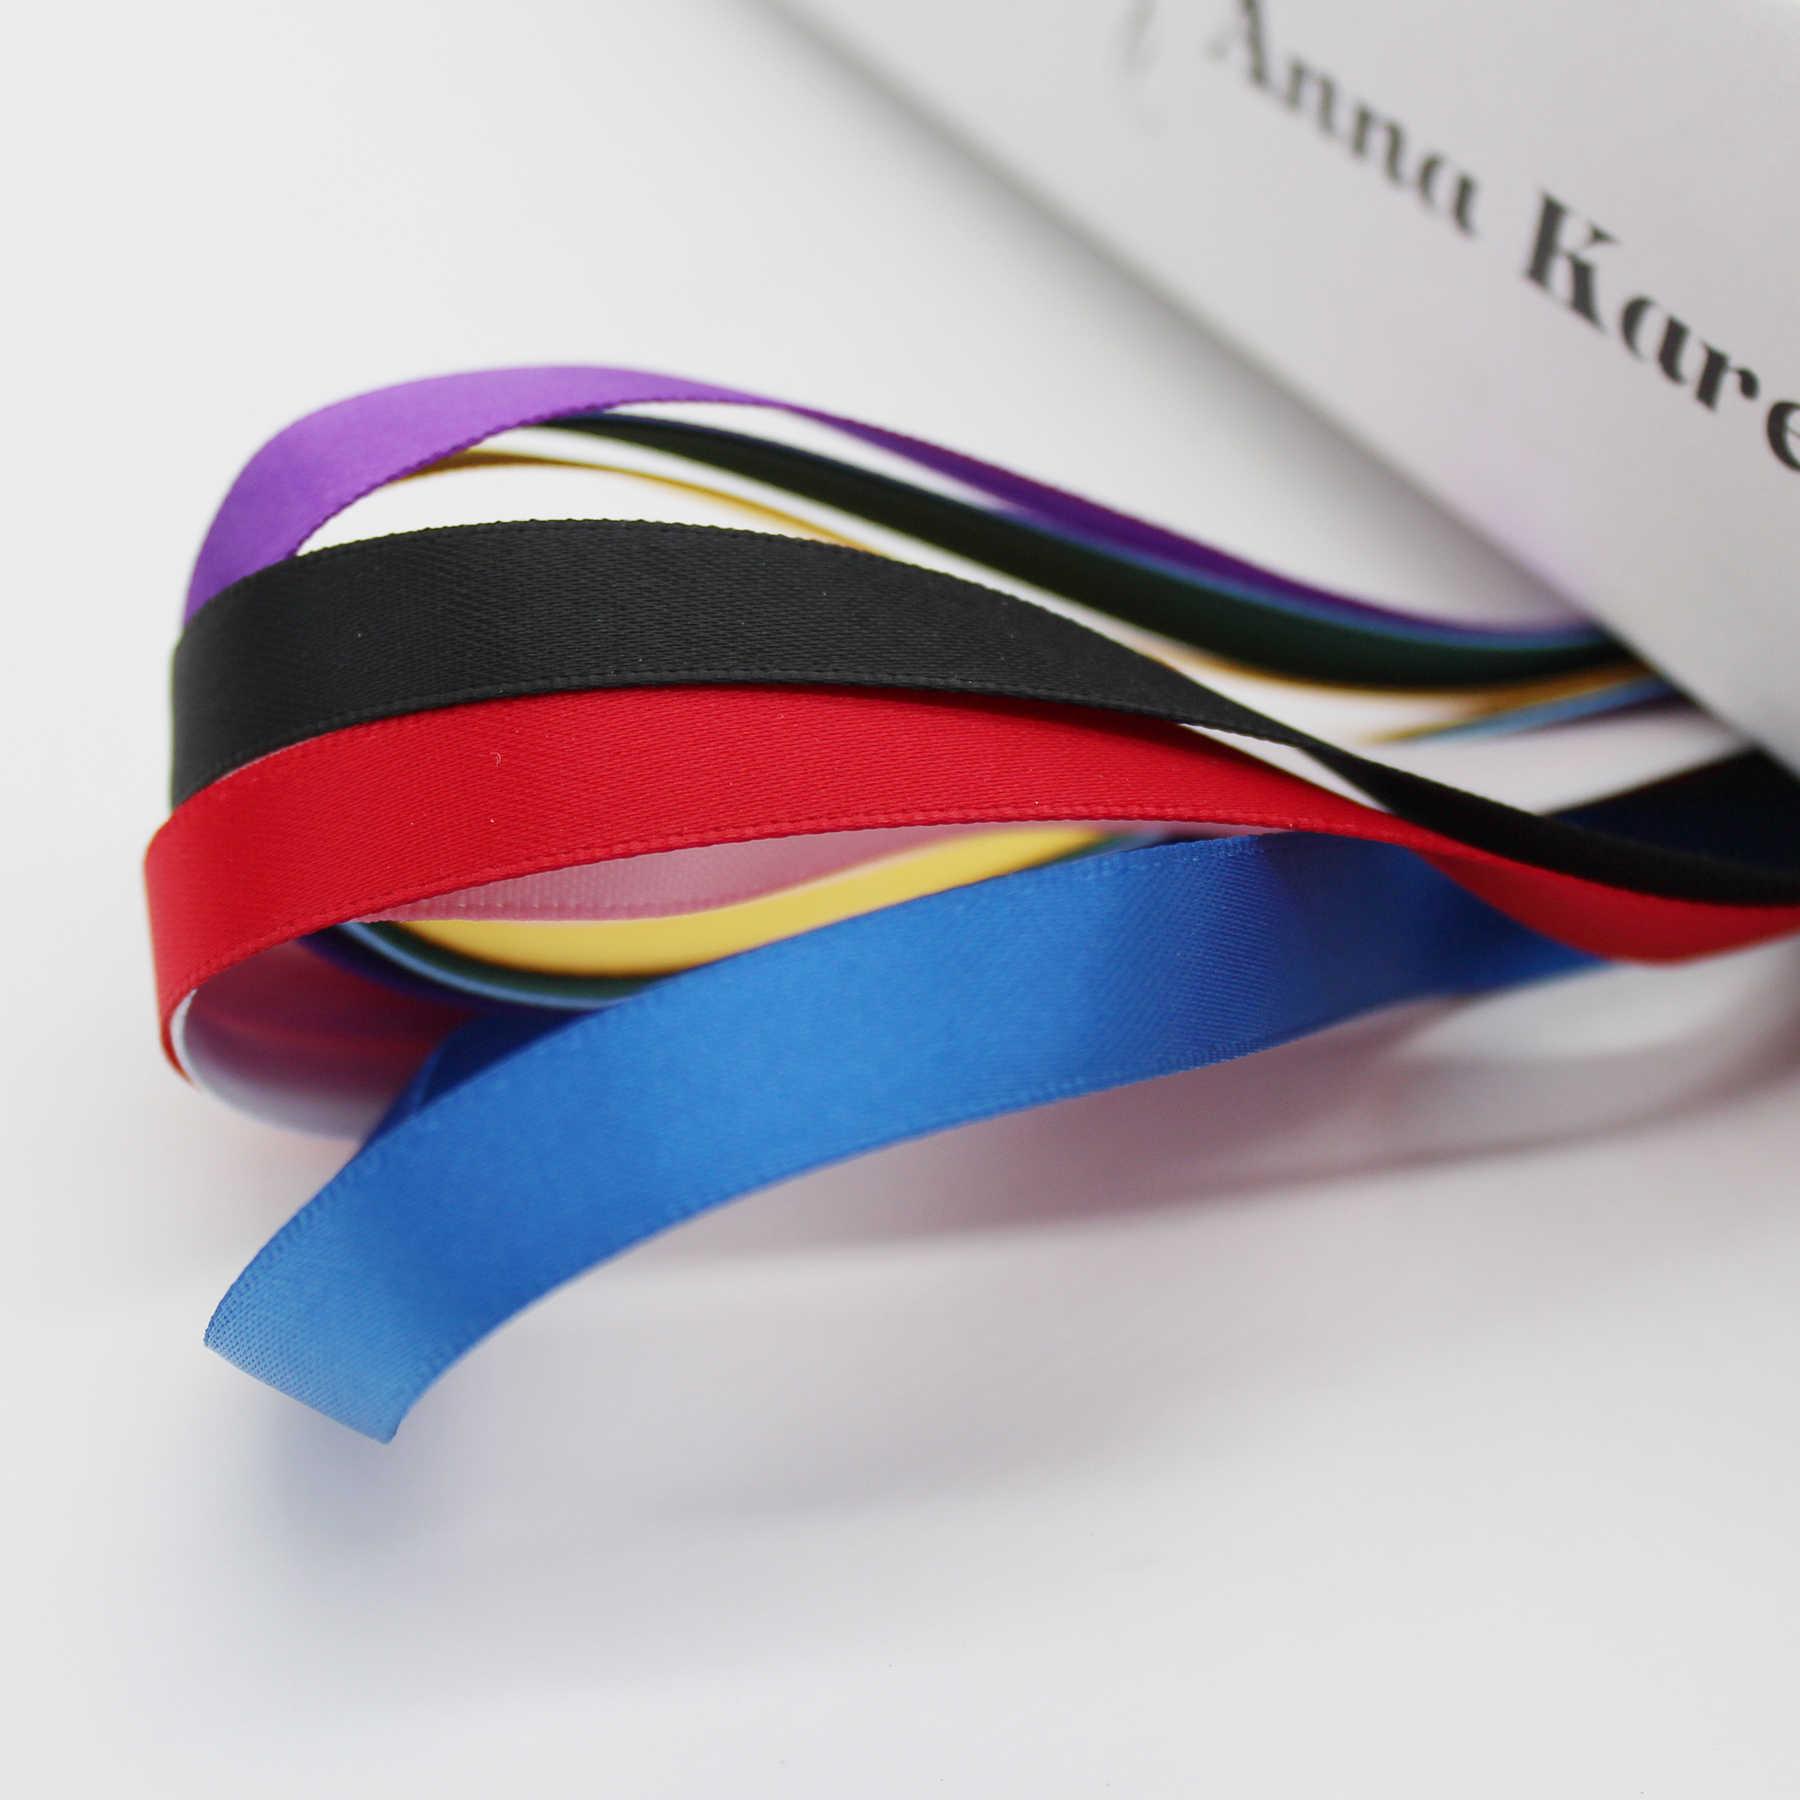 9 ミリメートル 3/8 インチサテンリボンポリエステル 100% 生地テープ環境にやさしい両面ネクタイ Diy の髪の弓工芸装飾アクセサリー